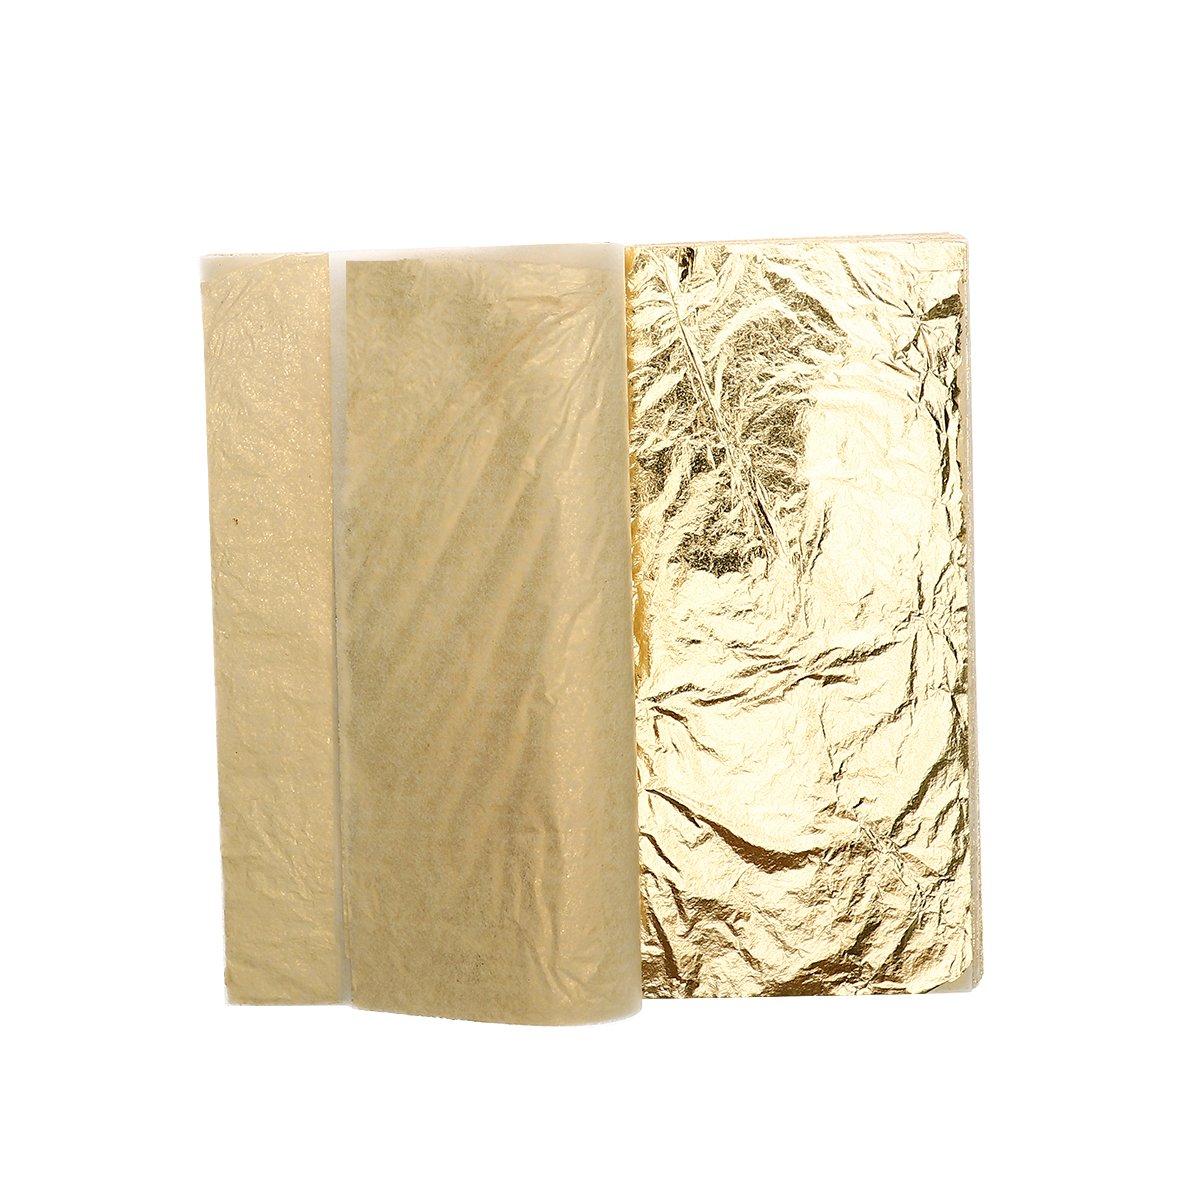 100 pcs Gold Foil Paper Gold Sheets Gold Leaf for Arts Decoration 14x14cm Gilding Crafts